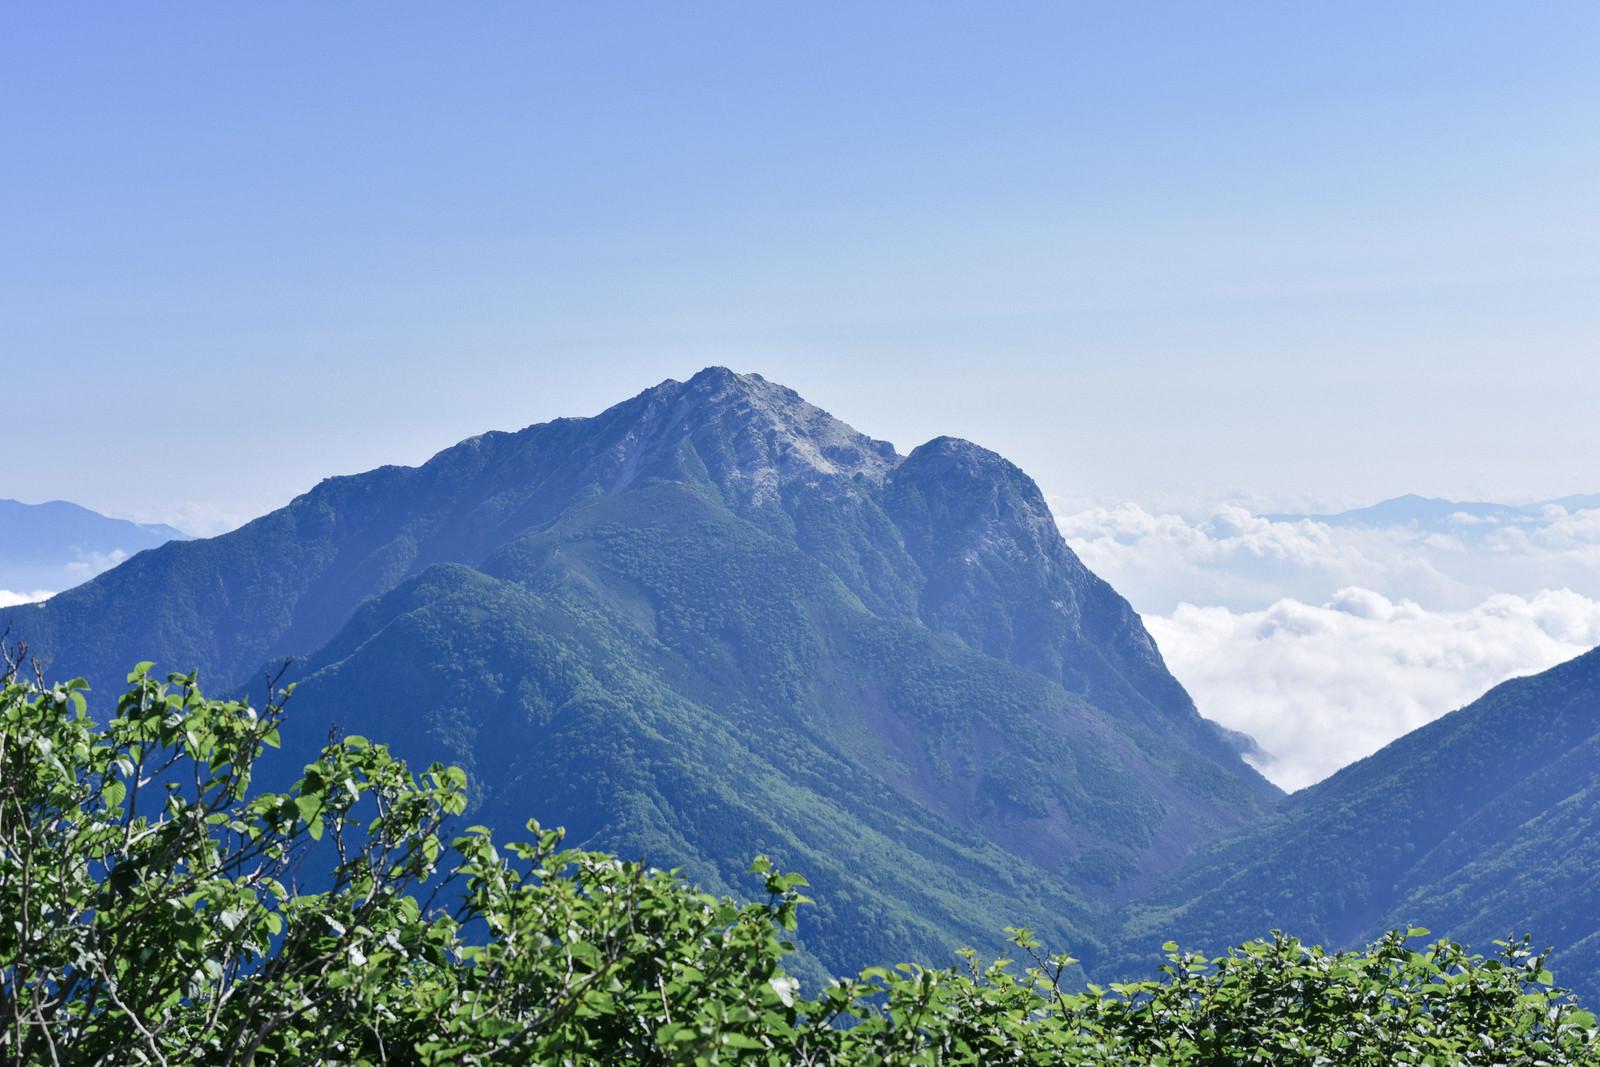 「特徴的な山頂を持つ甲斐駒ヶ岳(仙丈ヶ岳)」の写真